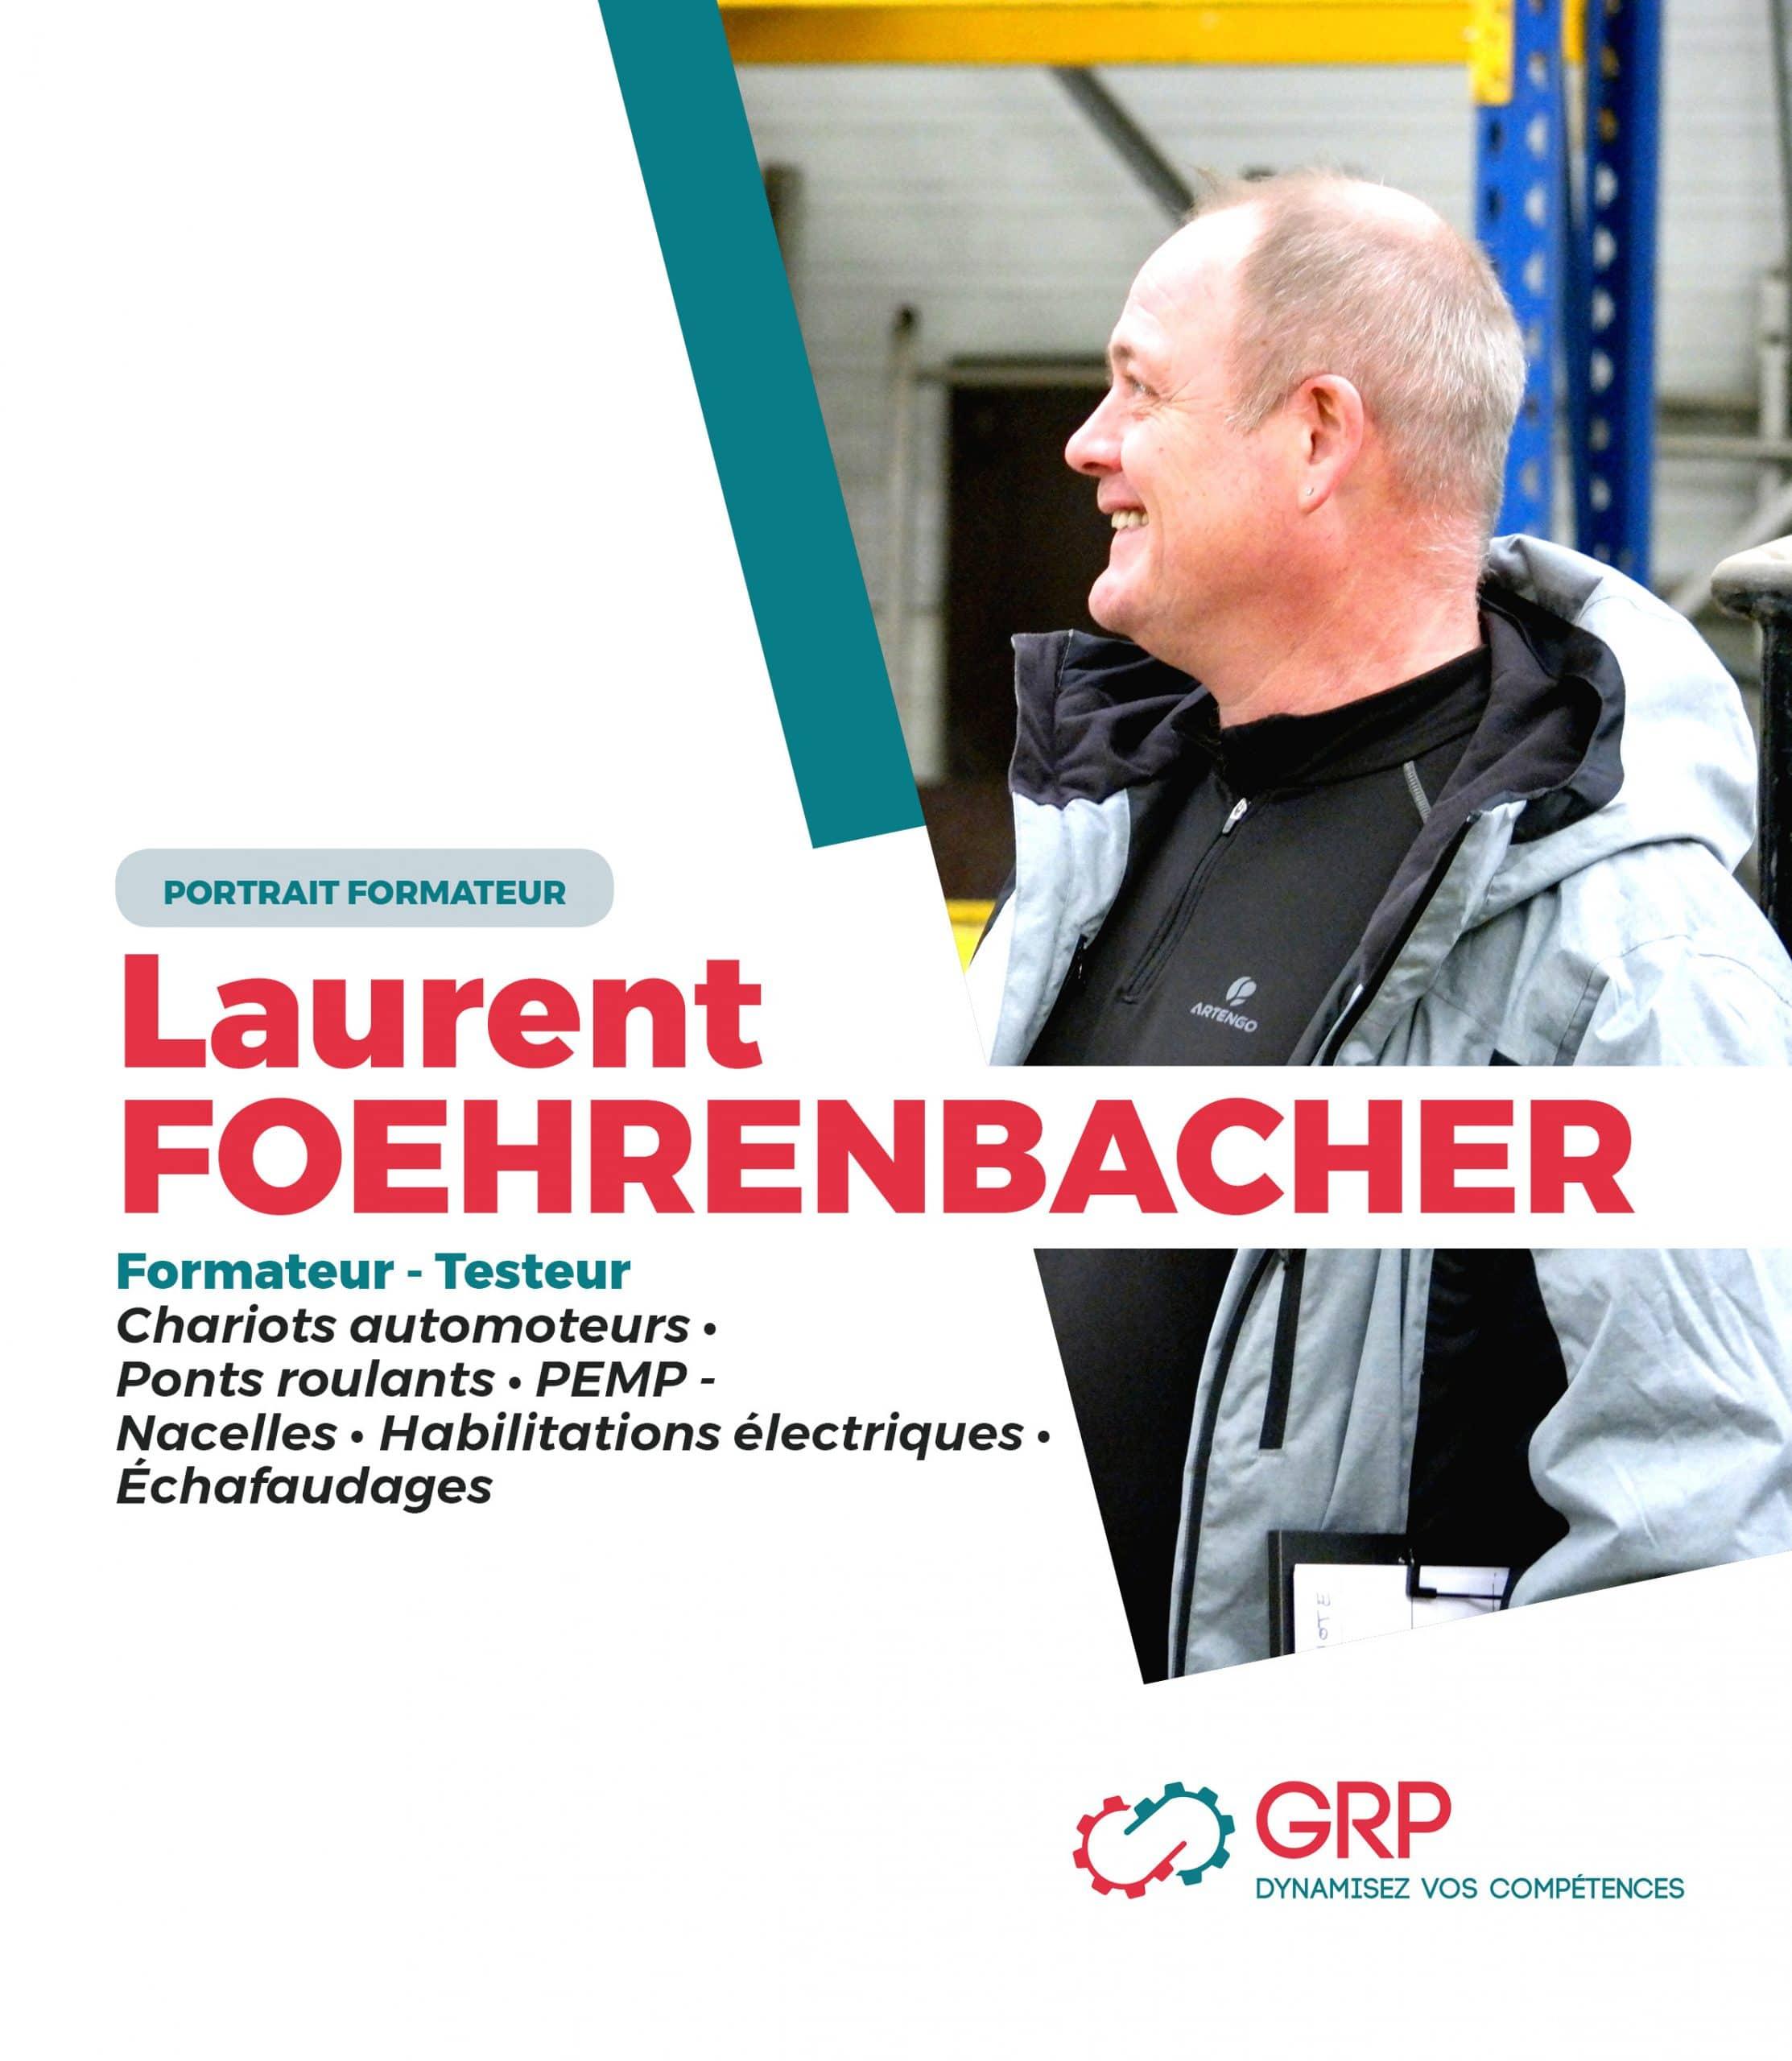 Portrait Formateur Laurent